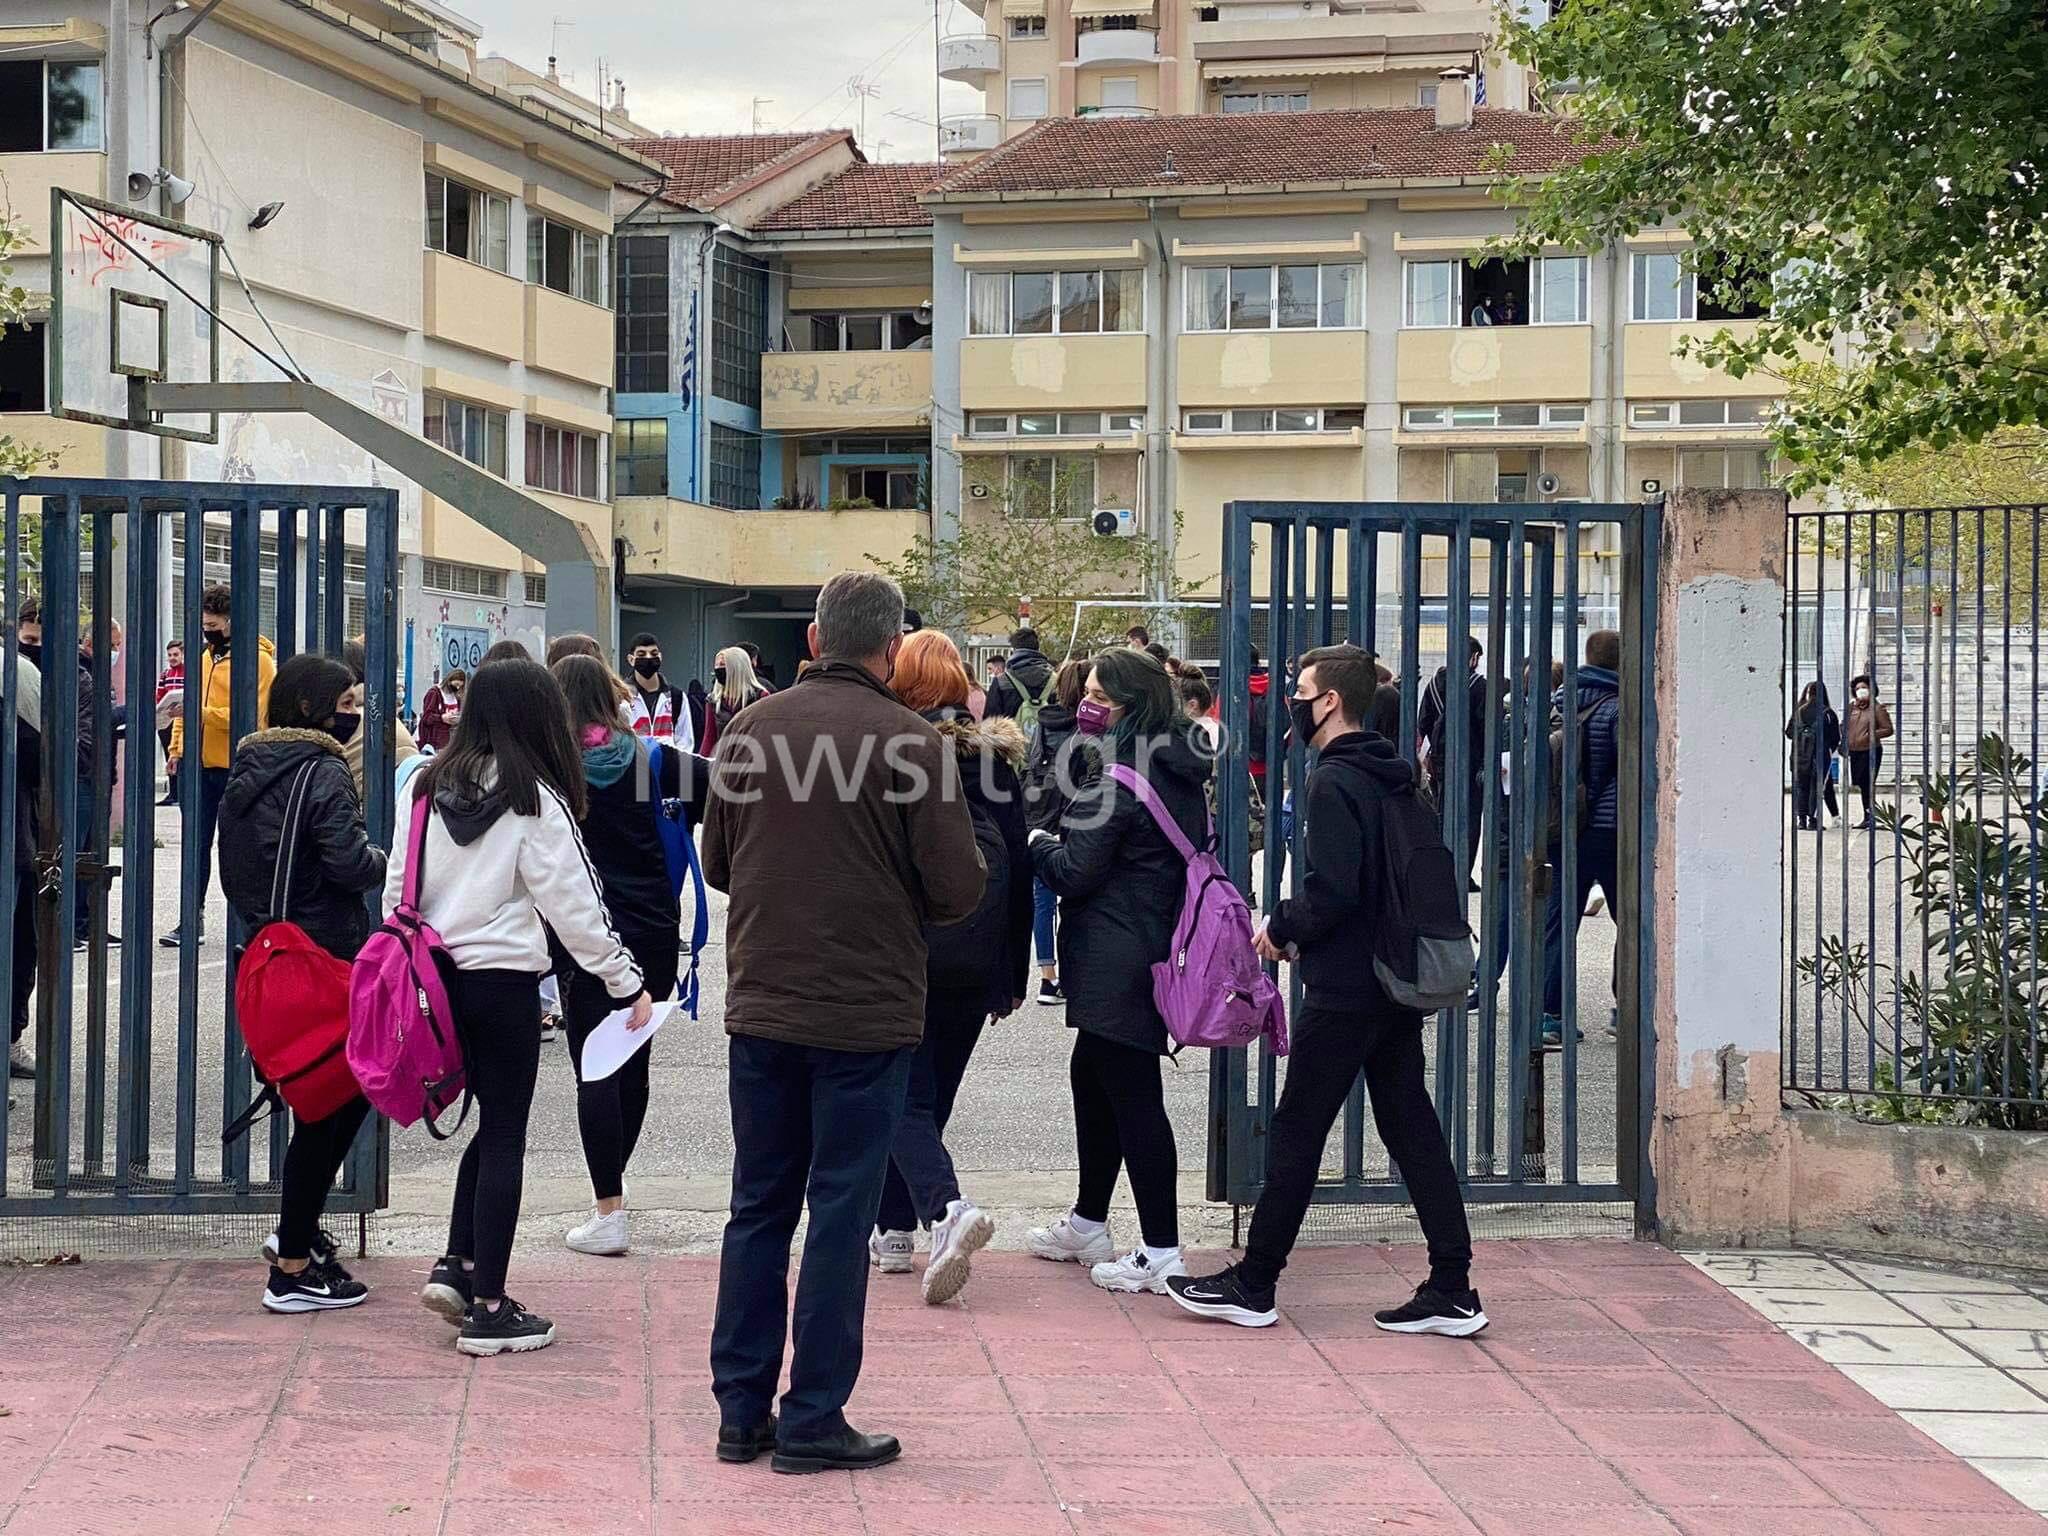 Θεσσαλονίκη: Έκανε self test και μπήκε για μάθημα το παιδί της γυναίκας που συνελήφθη στον Εύοσμο (pics)